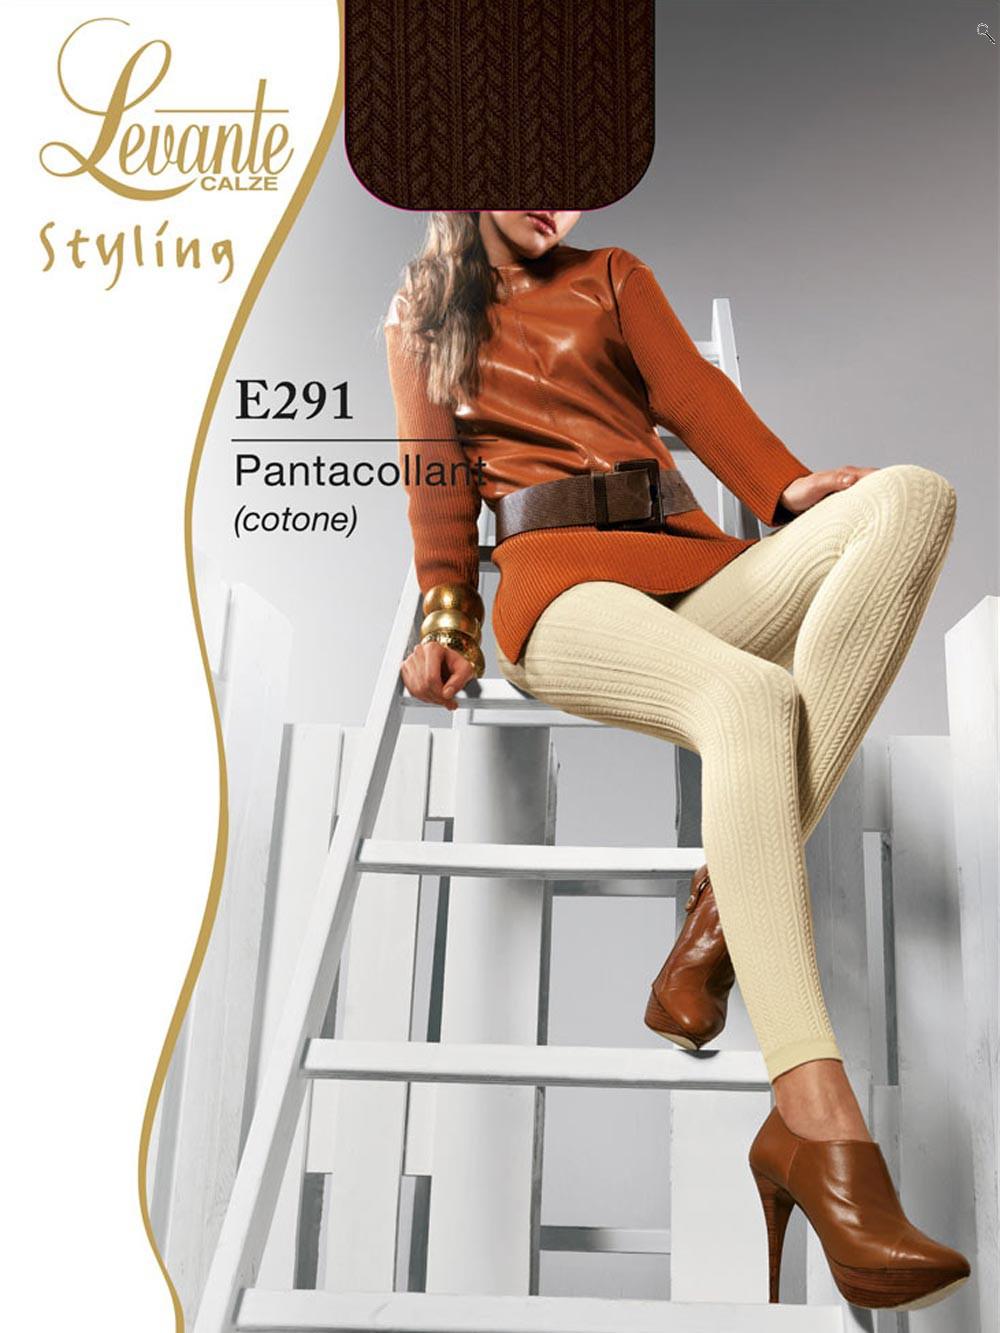 Levante Fashion 15-15